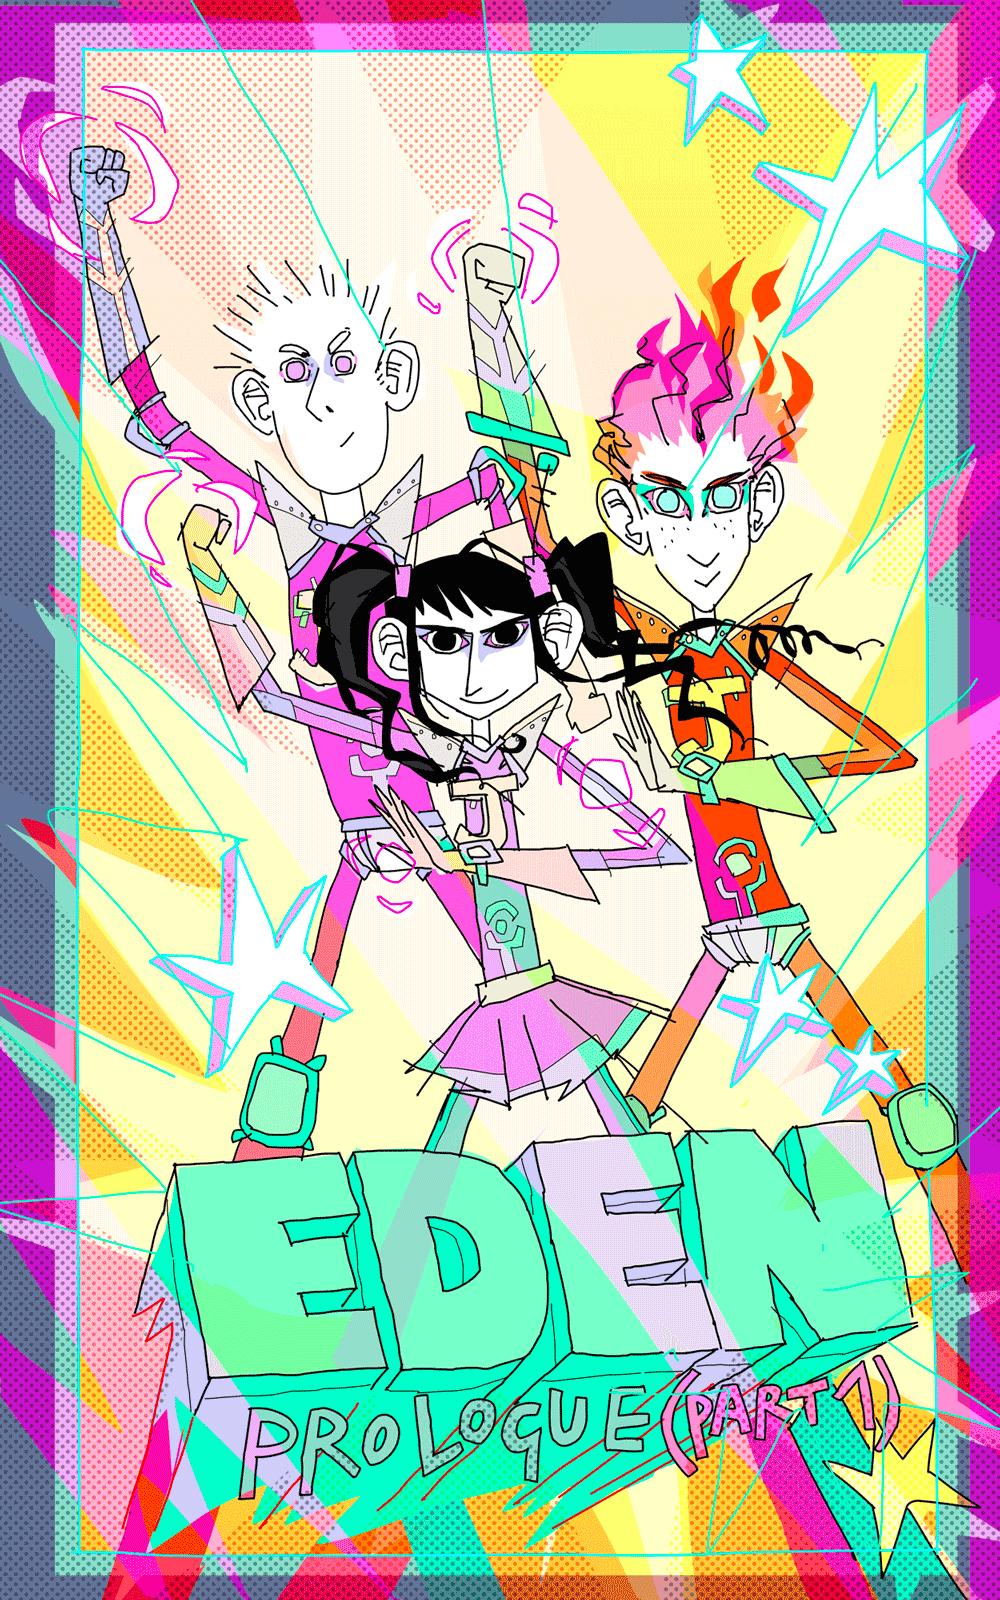 Juliette, Jérémie et Jérome, were kind of Power-Rangers